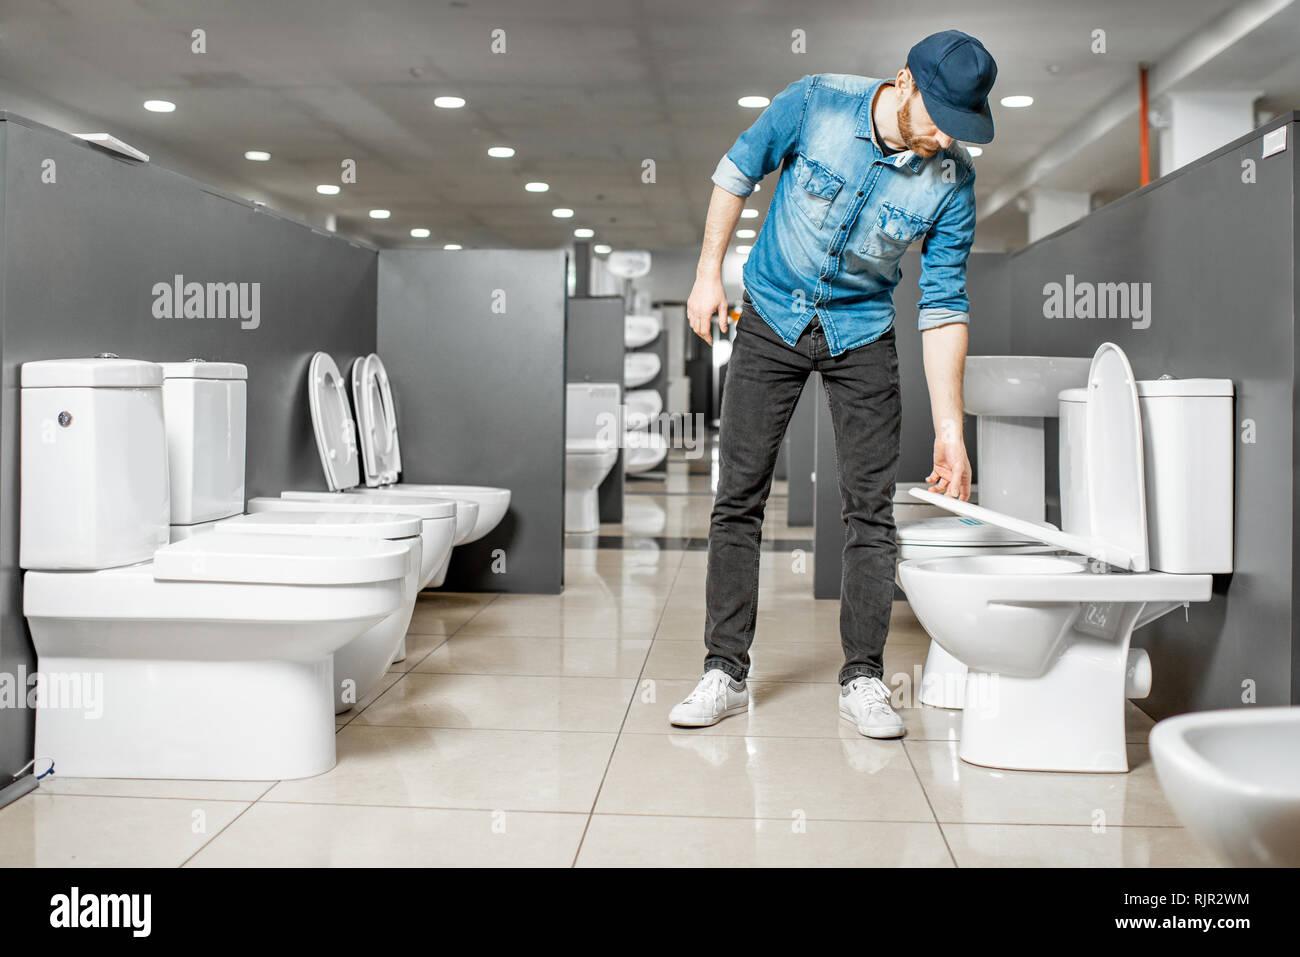 Schöner Mann Als Arbeitnehmer Die Wahl Wc Im Gebäude Shop Mit